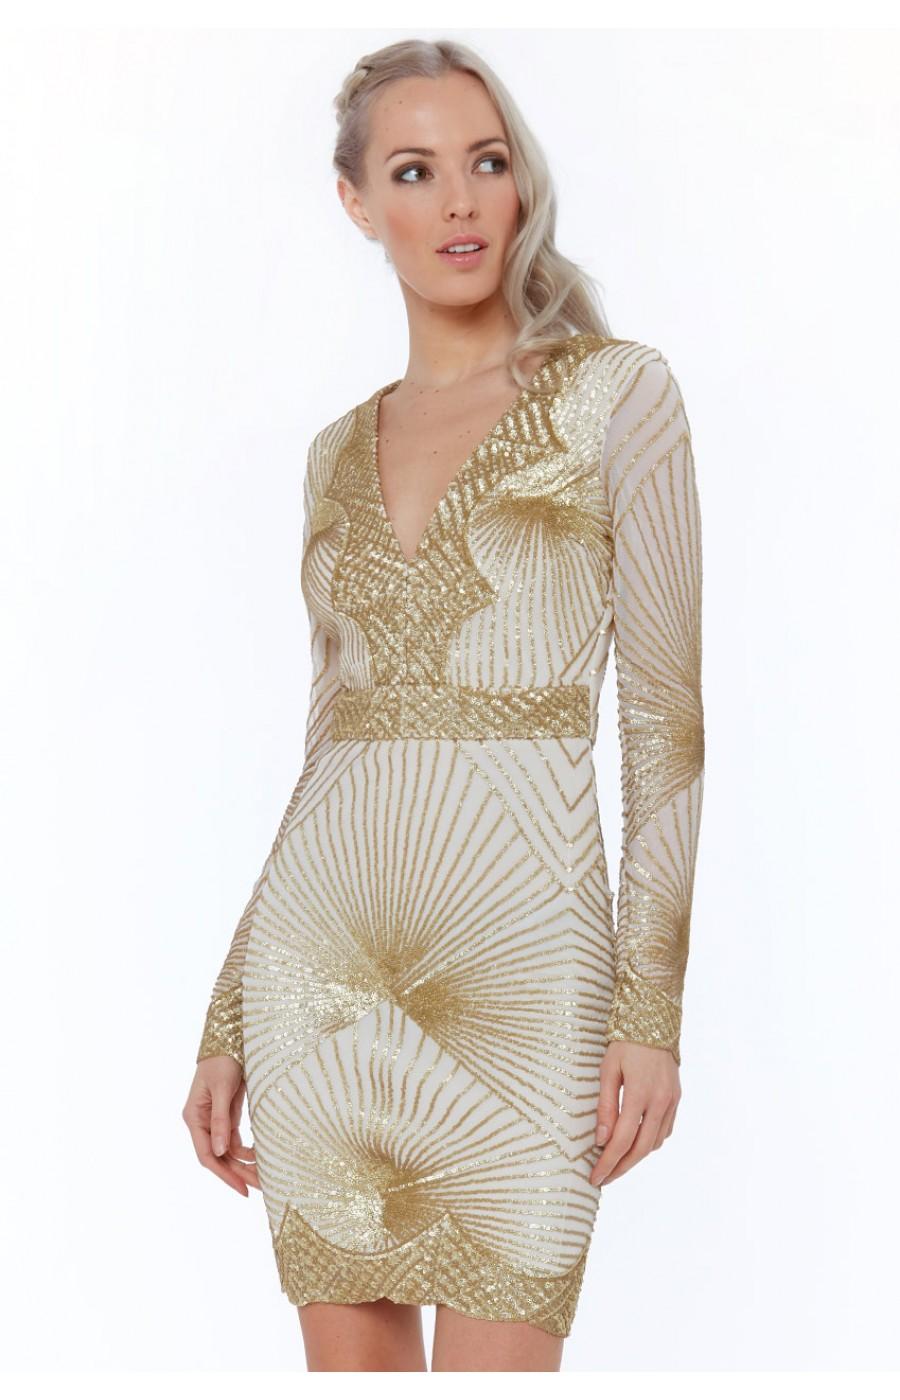 Μπεζ Χρυσό κεντημένο μινι φόρεμα